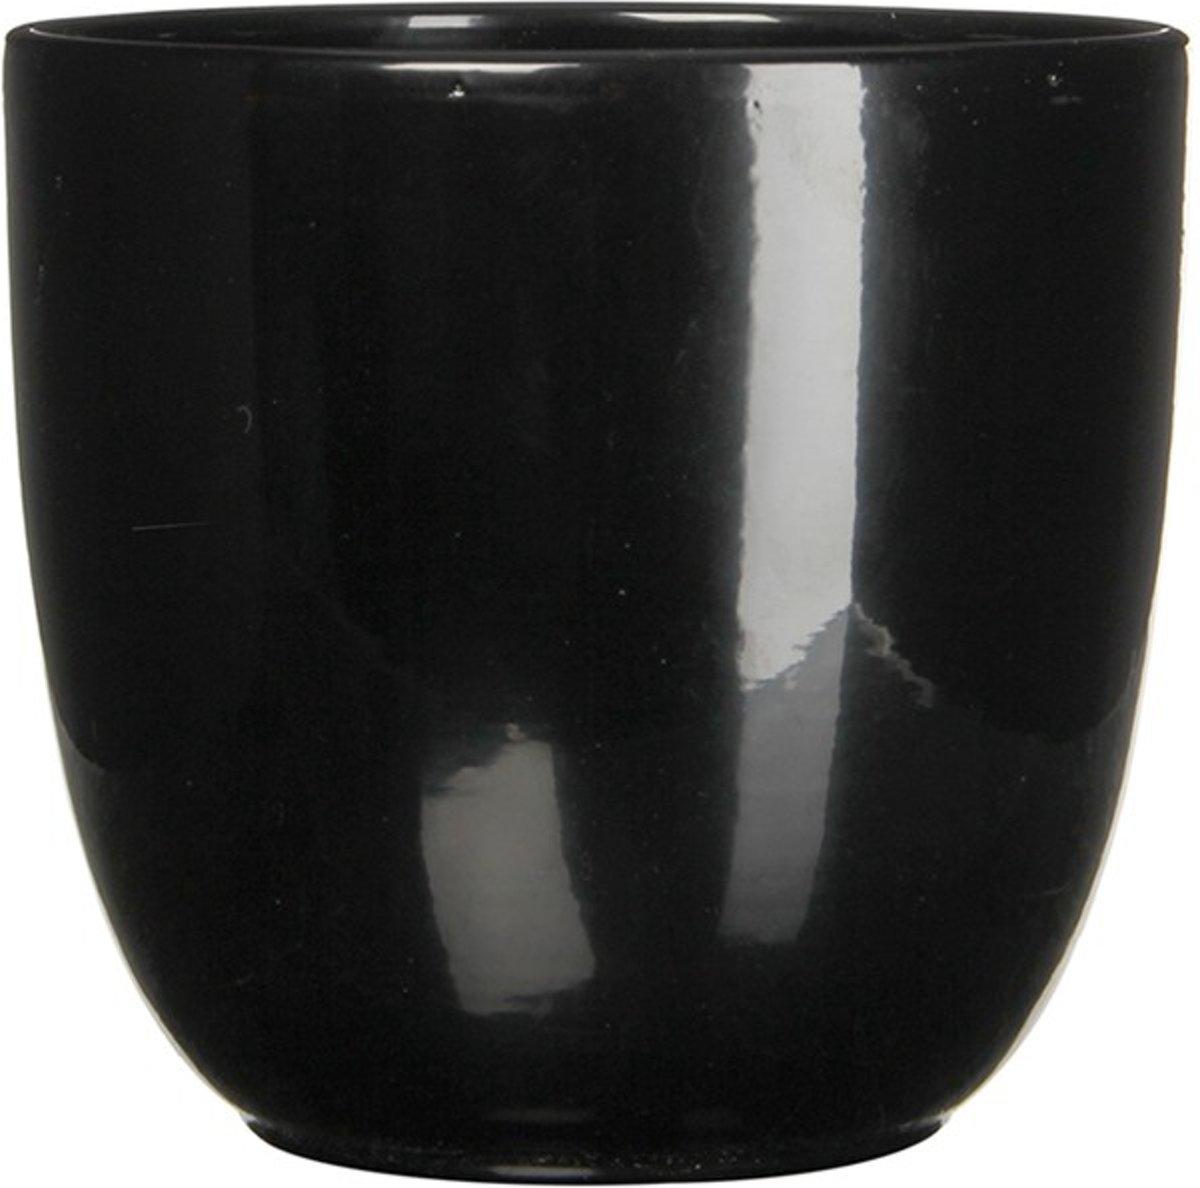 3 stuks Pot rond es/10.5 tusca 11 x 12 cm zwart kopen